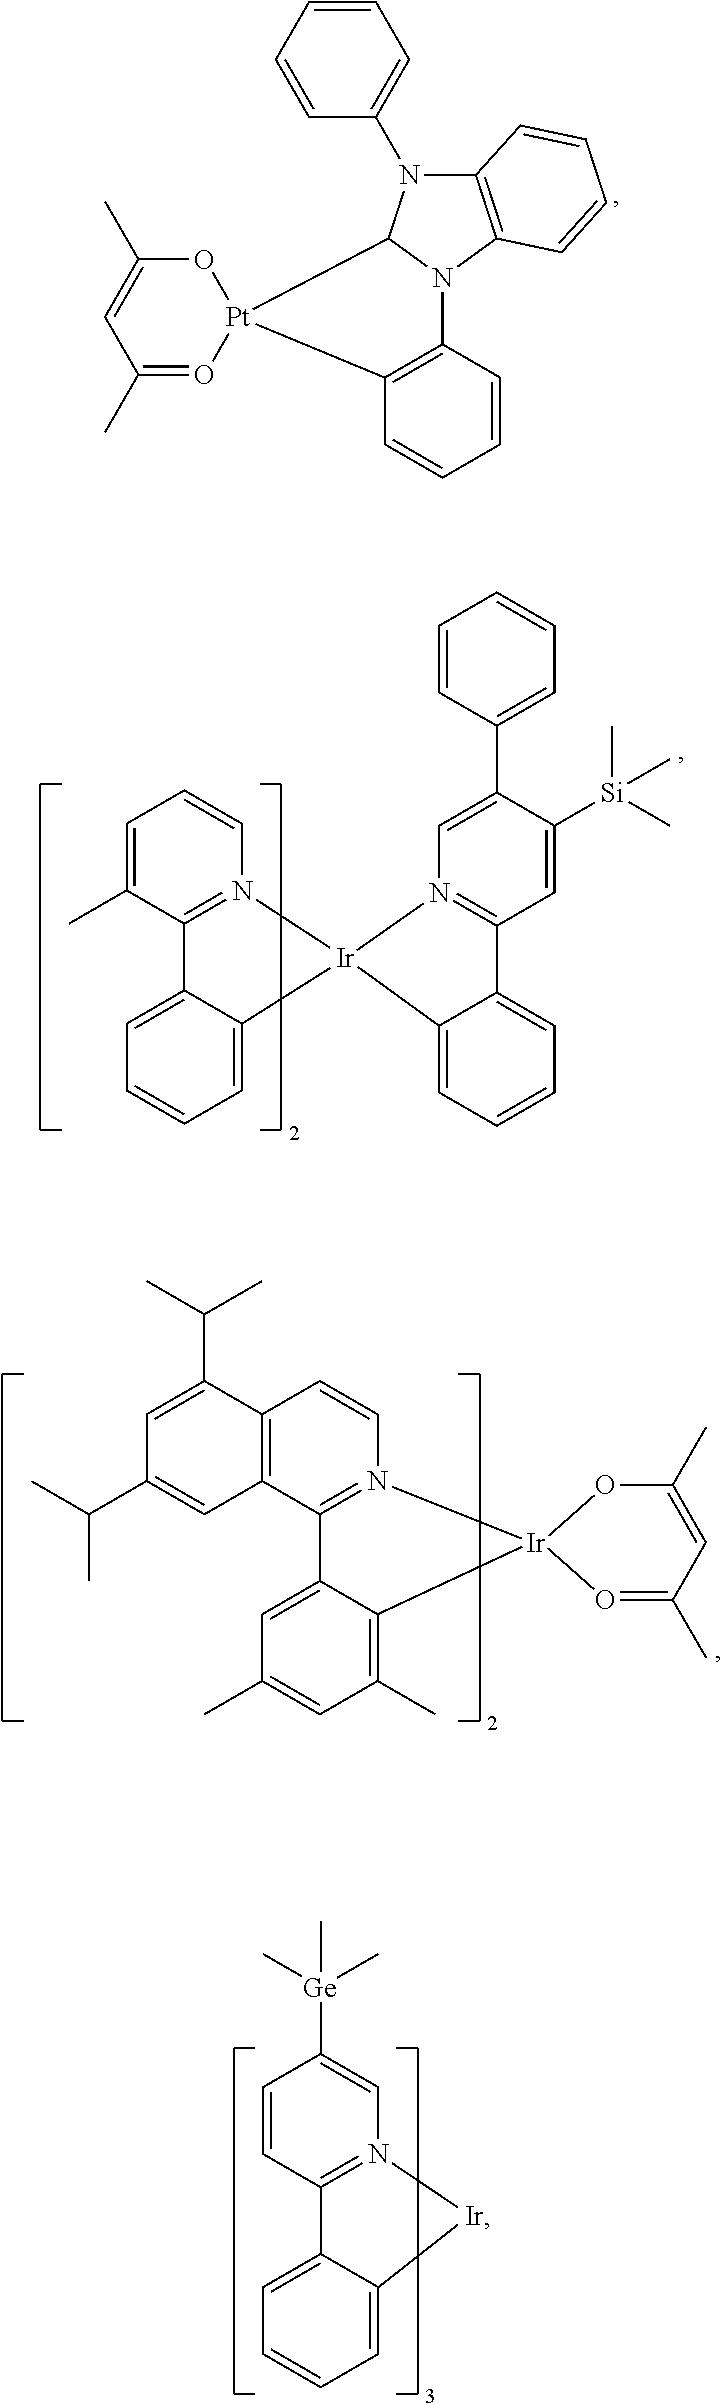 Figure US09859510-20180102-C00081